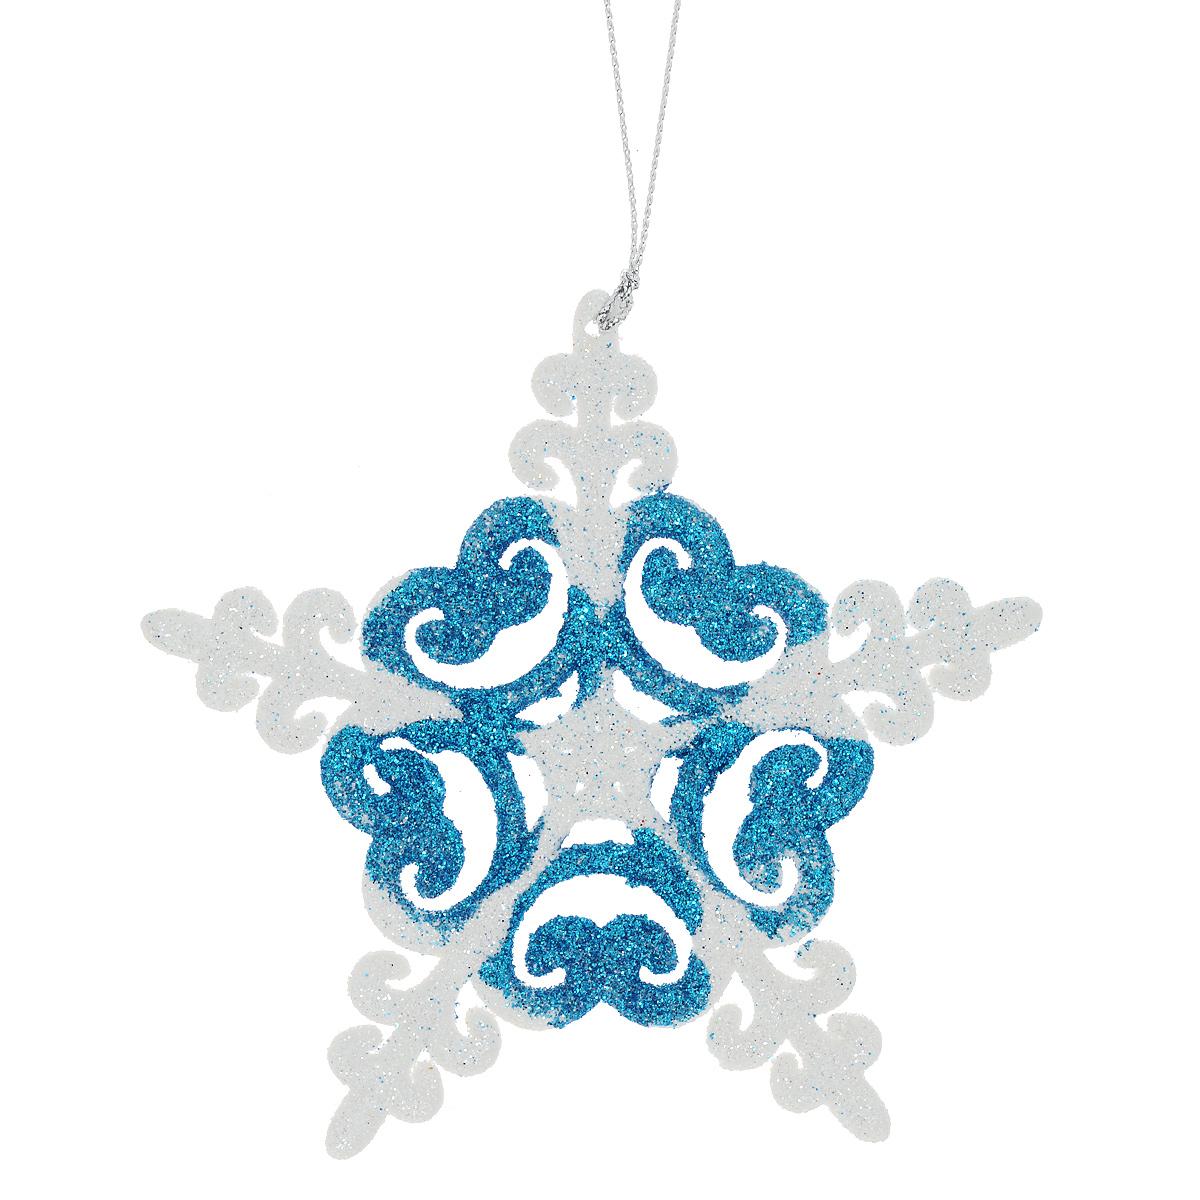 Новогоднее подвесное украшение Снежинка, цвет: синий, диаметр 12 см. 3498234982Оригинальное новогоднее украшение из пластика прекрасно подойдет для праздничного декора дома и новогодней ели. Изделие крепится на елку с помощью металлического зажима.